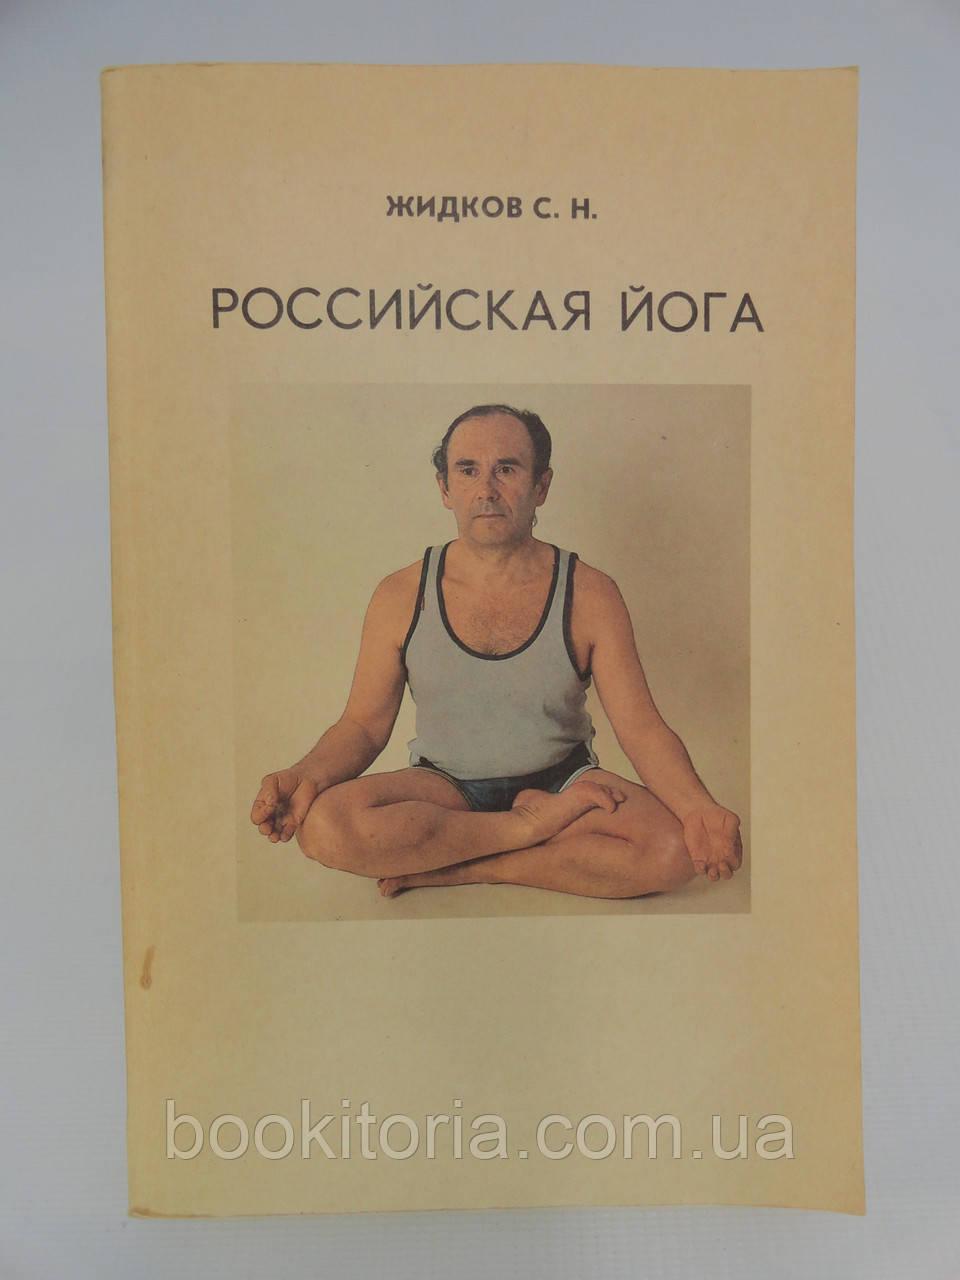 Жидков С.Н. Российская йога (б/у).